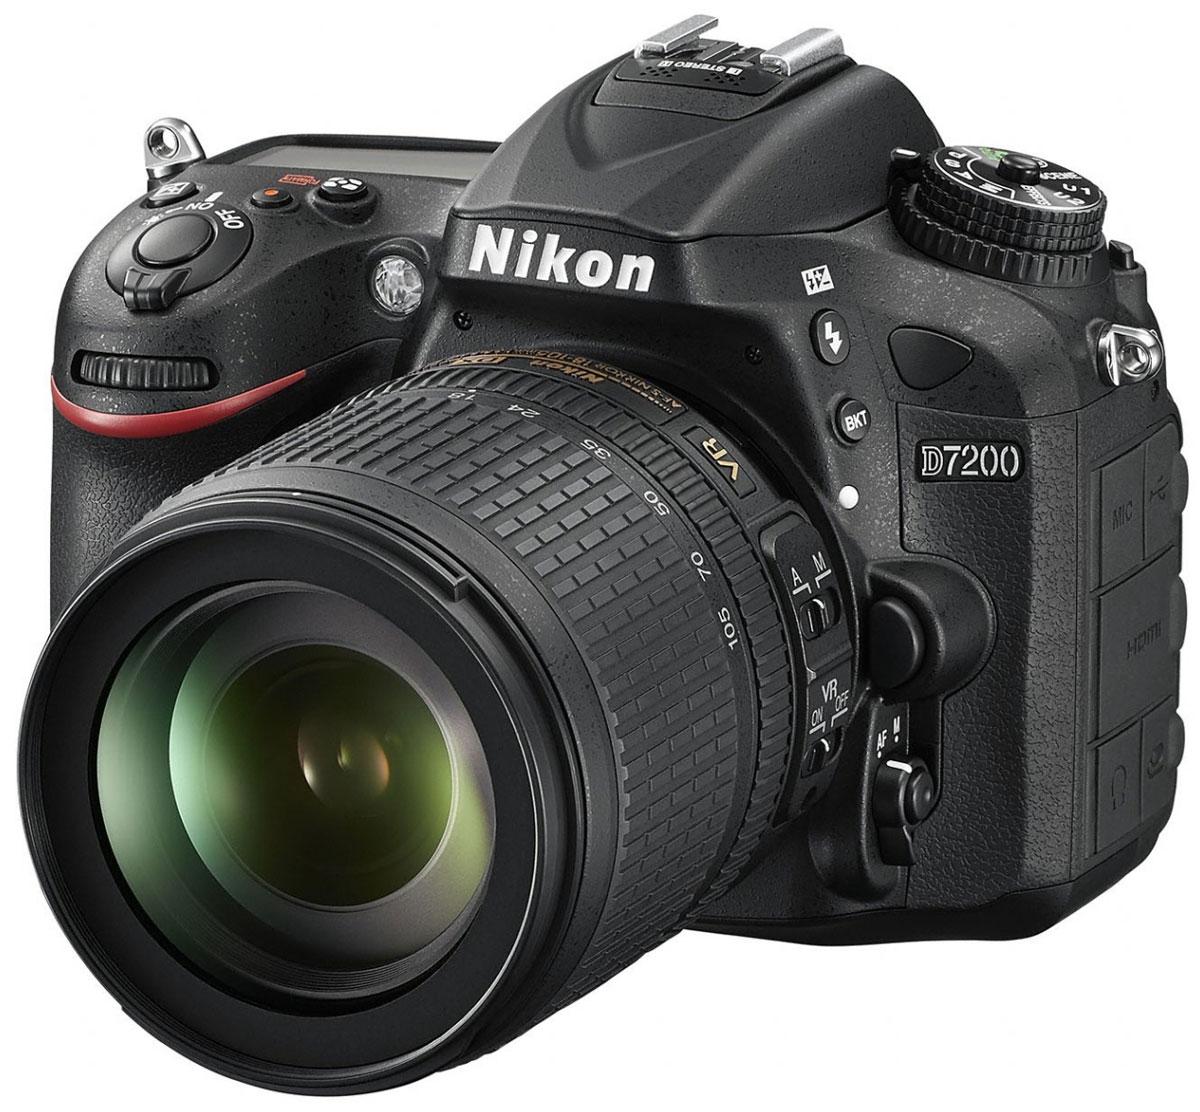 Nikon D7200 Kit 18-105 VR, Black цифровая зеркальная фотокамера зеркальный цифровой фотоаппарат nikon d7200 kit 18–105 vr